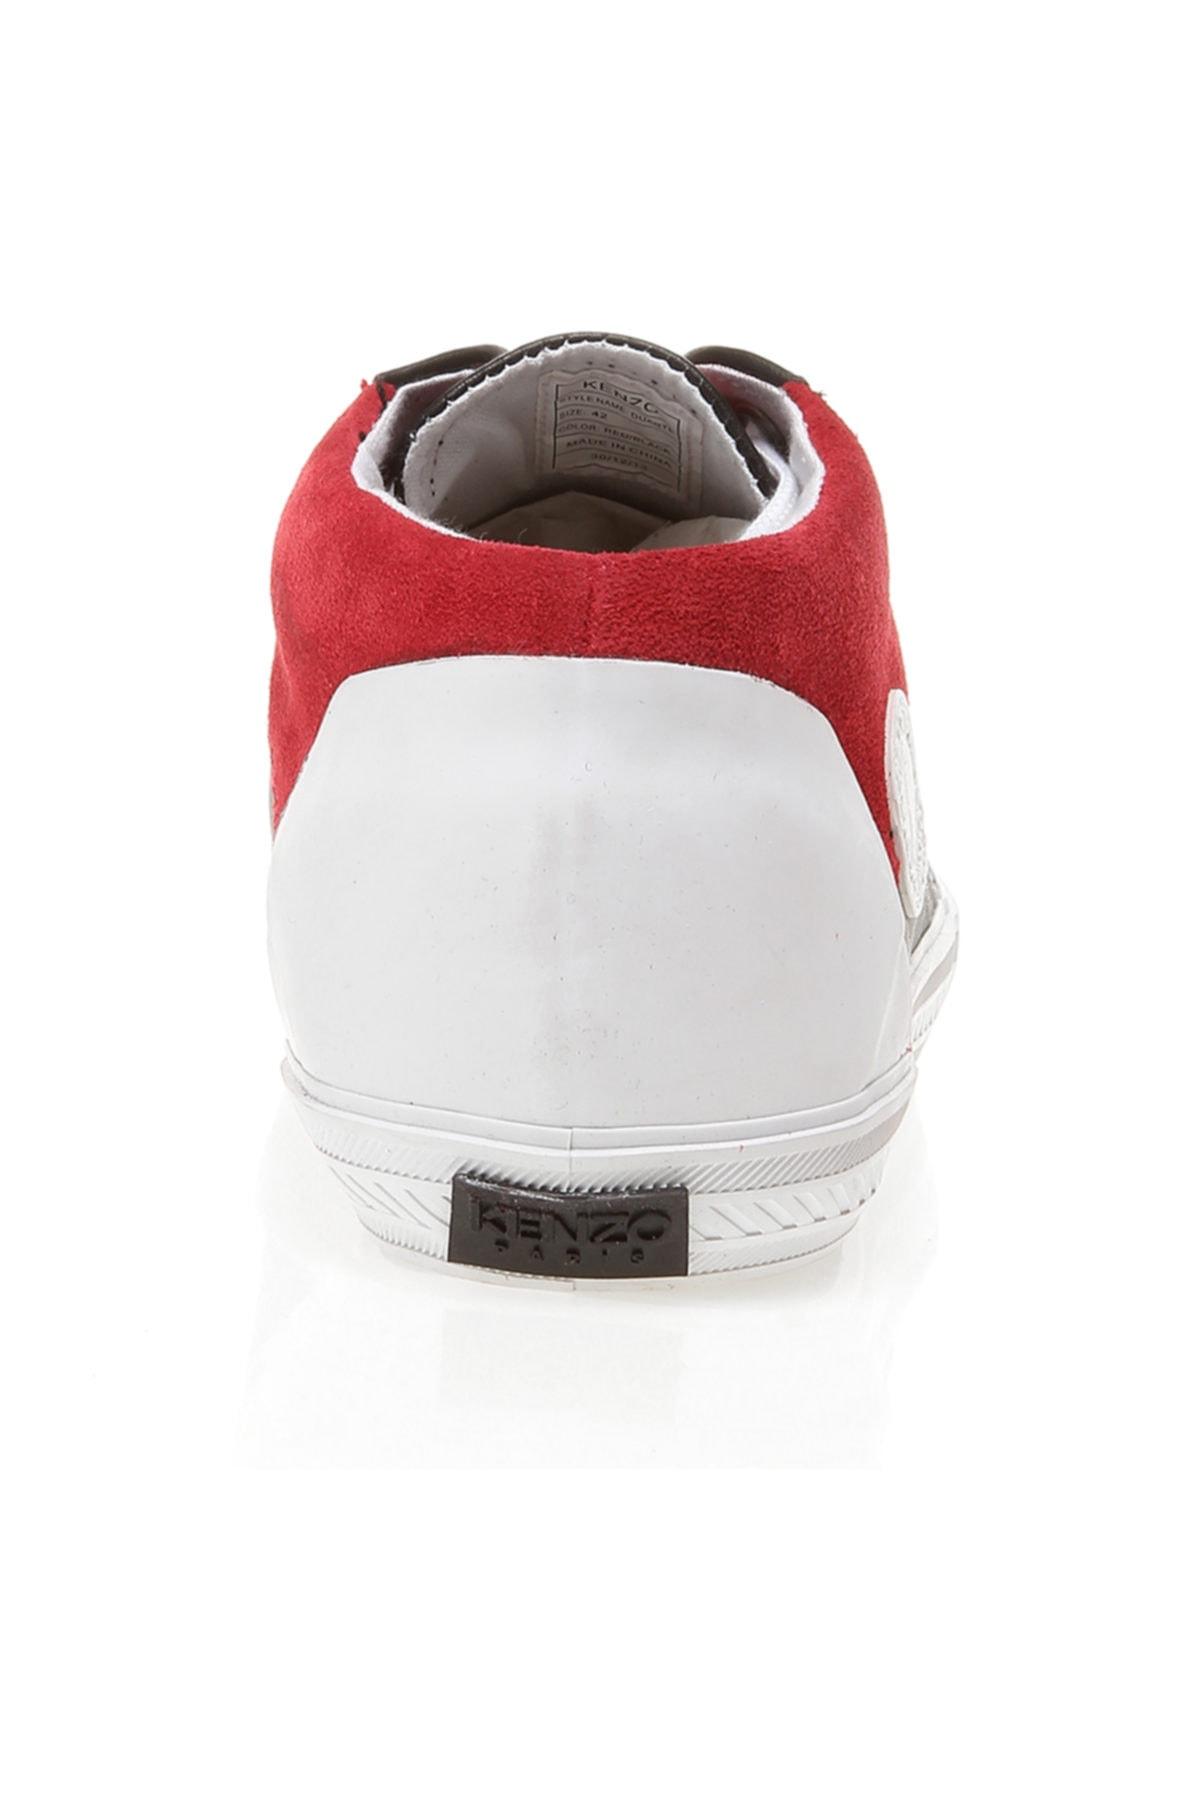 Kenzo Kırmızı Erkek Sneaker M42177 Duarte 2